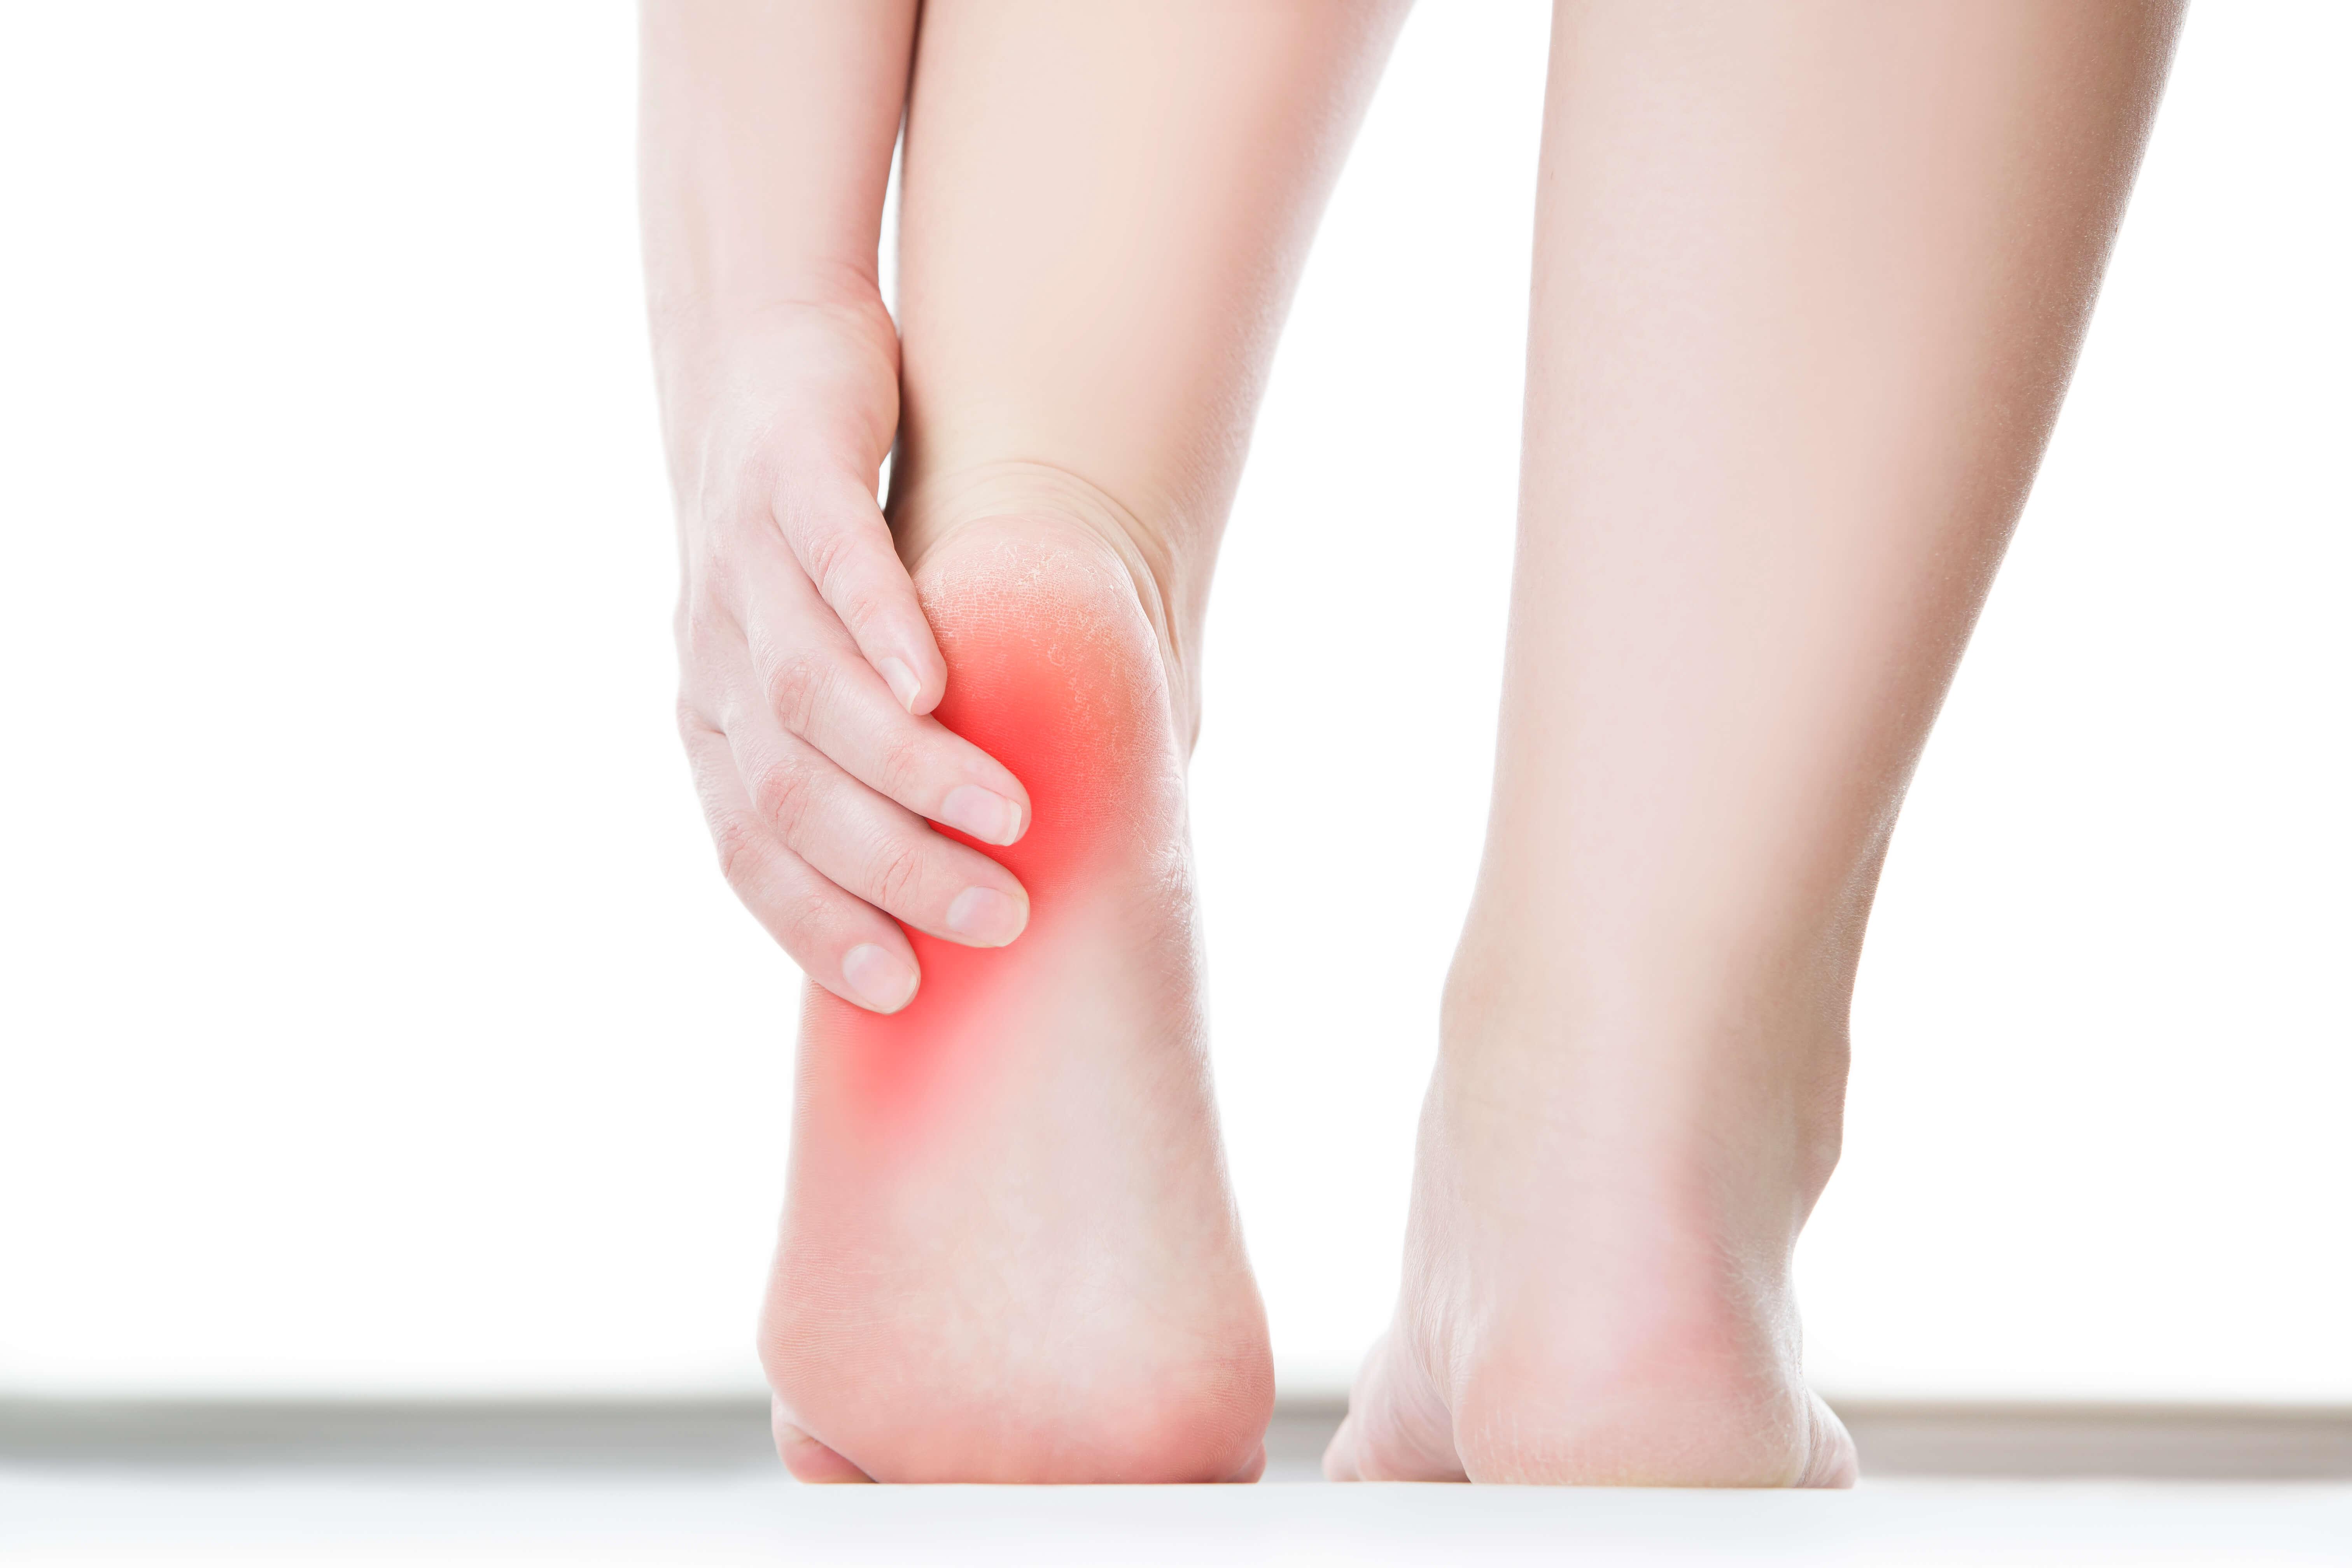 заболевание стопы ног фото